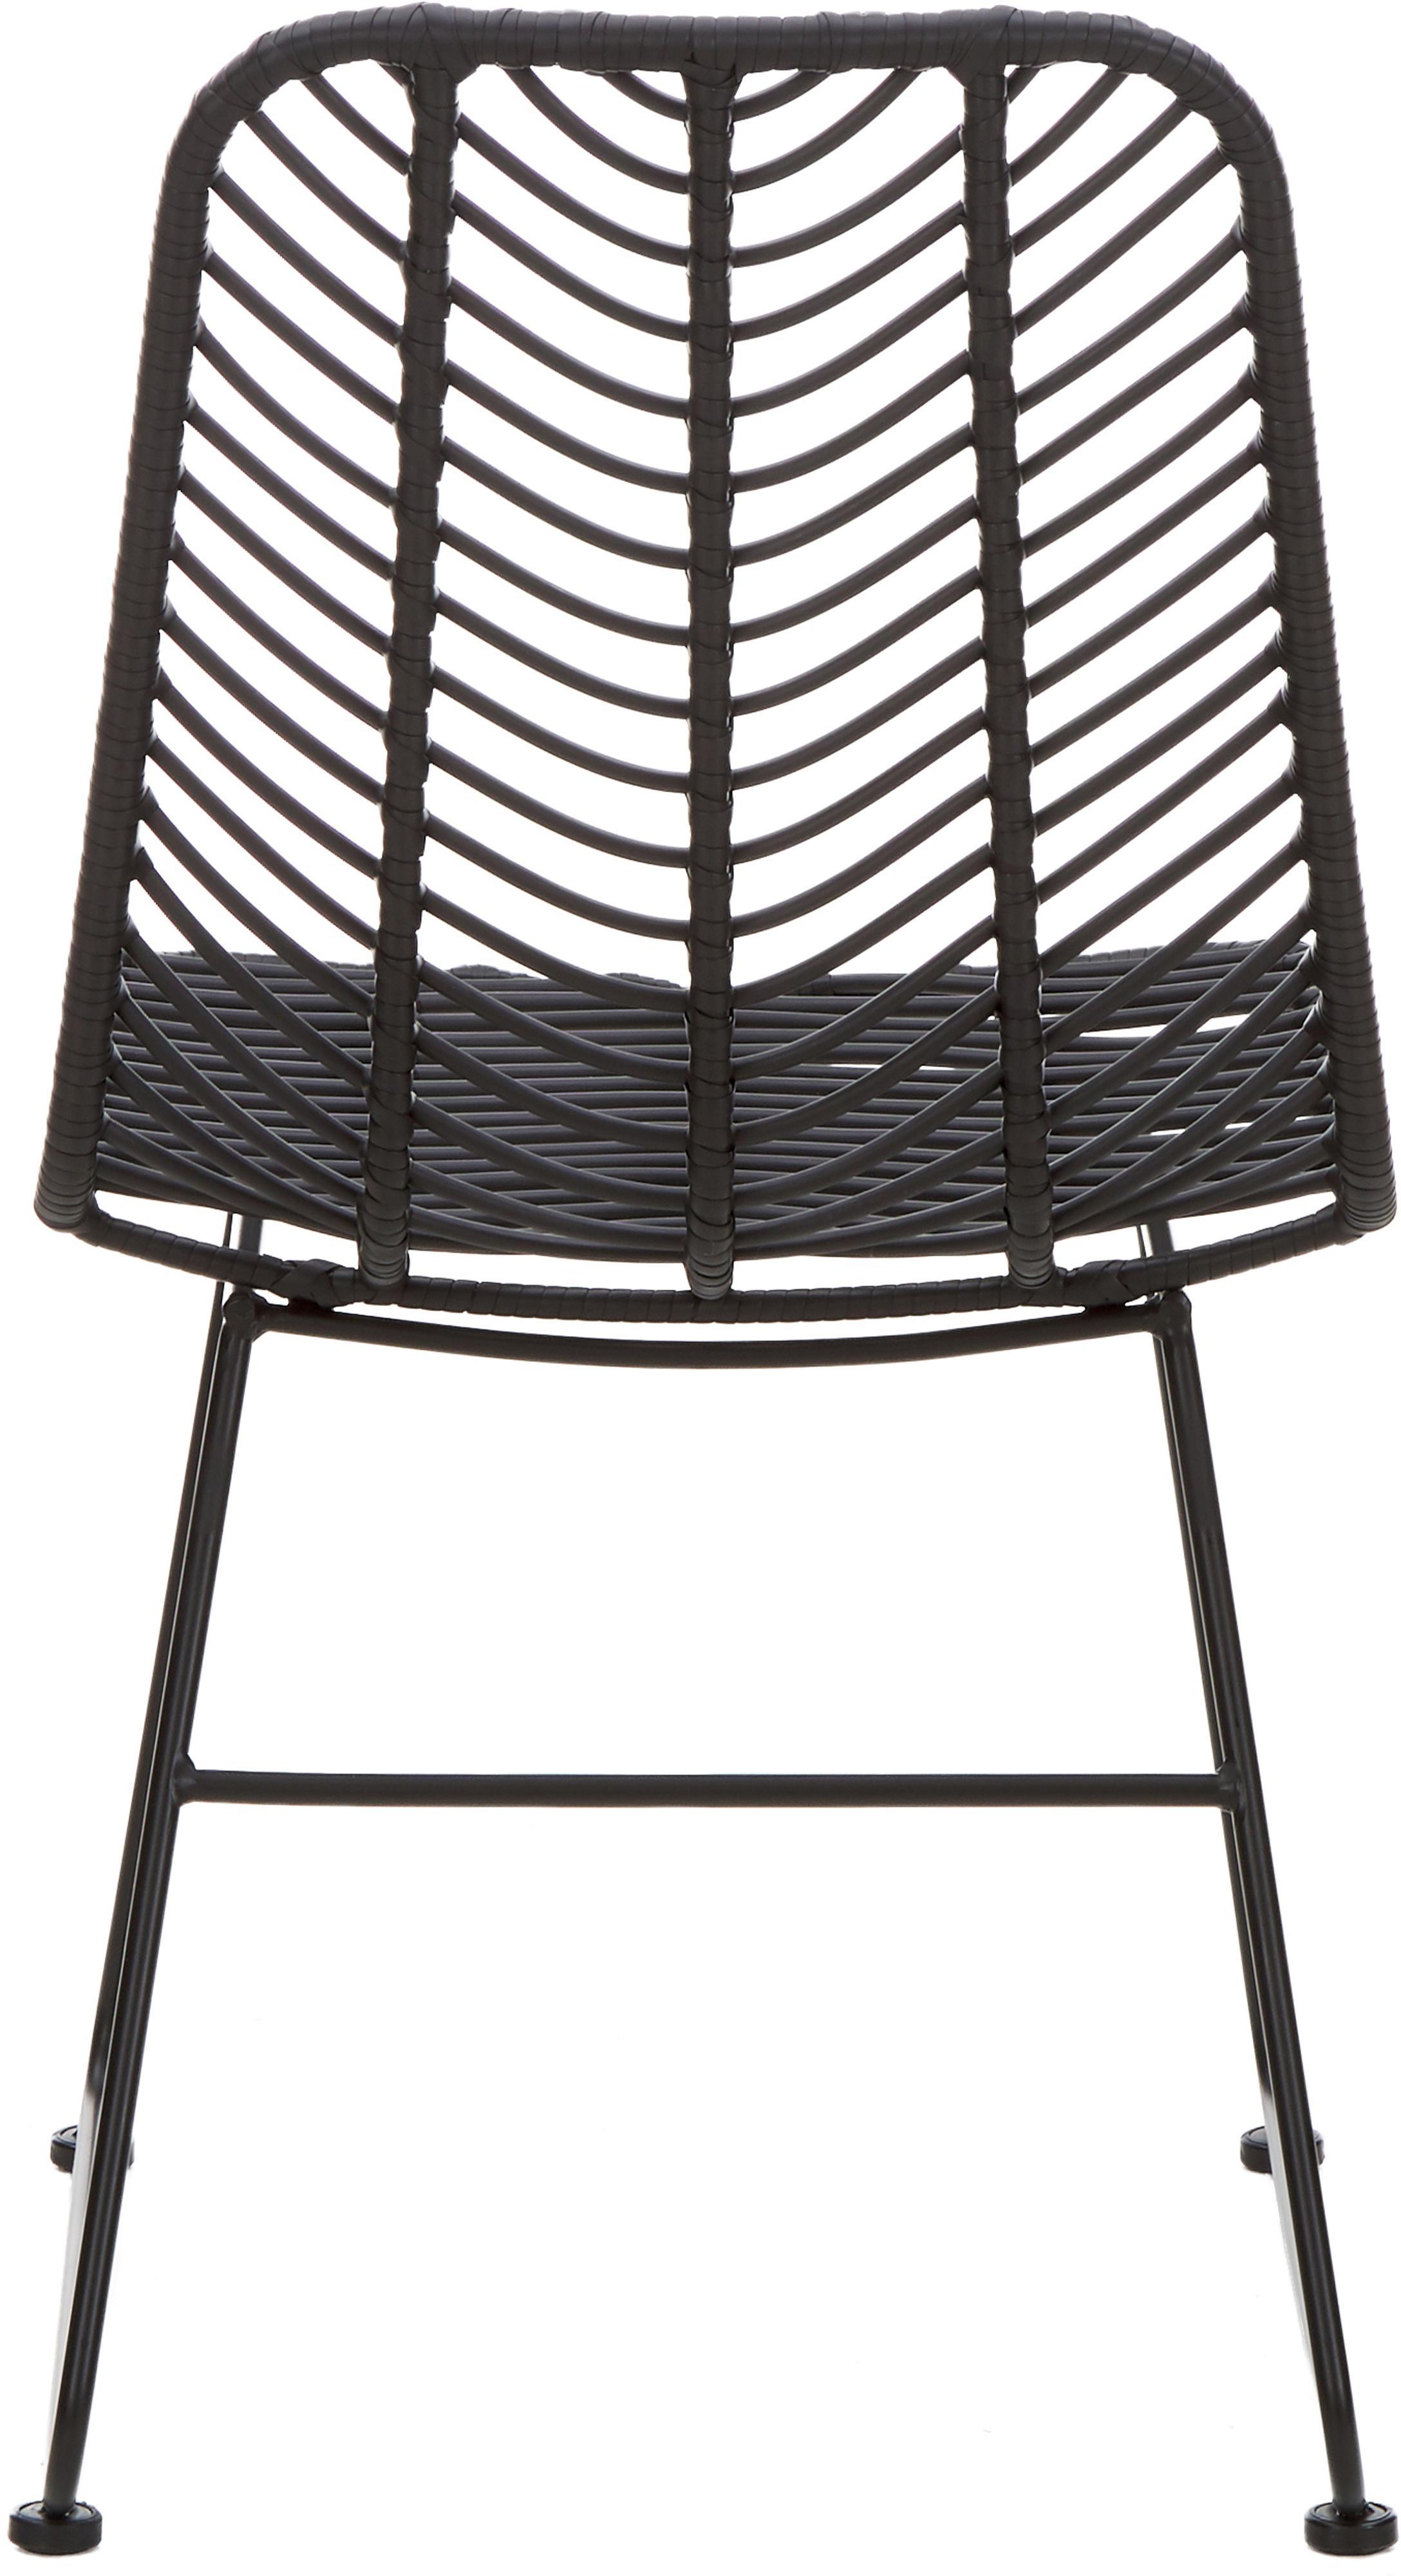 Polyrotan stoel Providencia, Zitvlak: polyethyleen-vlechtwerk, Frame: gepoedercoat metaal, Zwart, B 47 x D 63 cm